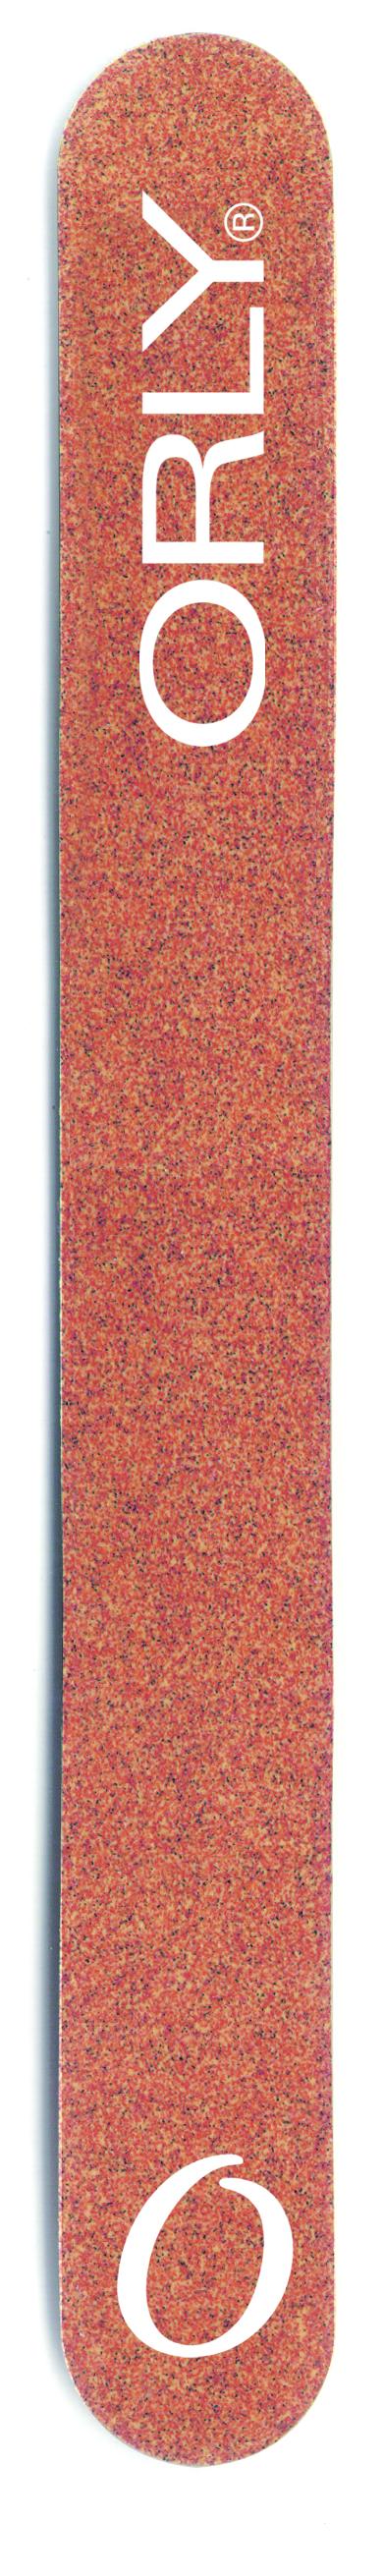 ORLY Гранатовая пилка с абразивом 120 ед. / Garnet Board.Пилки для ногтей<br>Гранатовая пилка от ORLY предназначена для обработки искусственных ногтей. Абразивность гранатовой пилки от ORLY   120 ед. Способ применения: 1. Подбирайте пилку по типу ногтей: чем абразивность выше, тем пилка мягче, а значит меньше вероятность повредить ногти. 2. Для натуральных ногтей выбирайте пилку абразивом выше 180ед. 3. Старайтесь, чтобы движения пилки были в одном направлении от края к центру ногтя.<br>